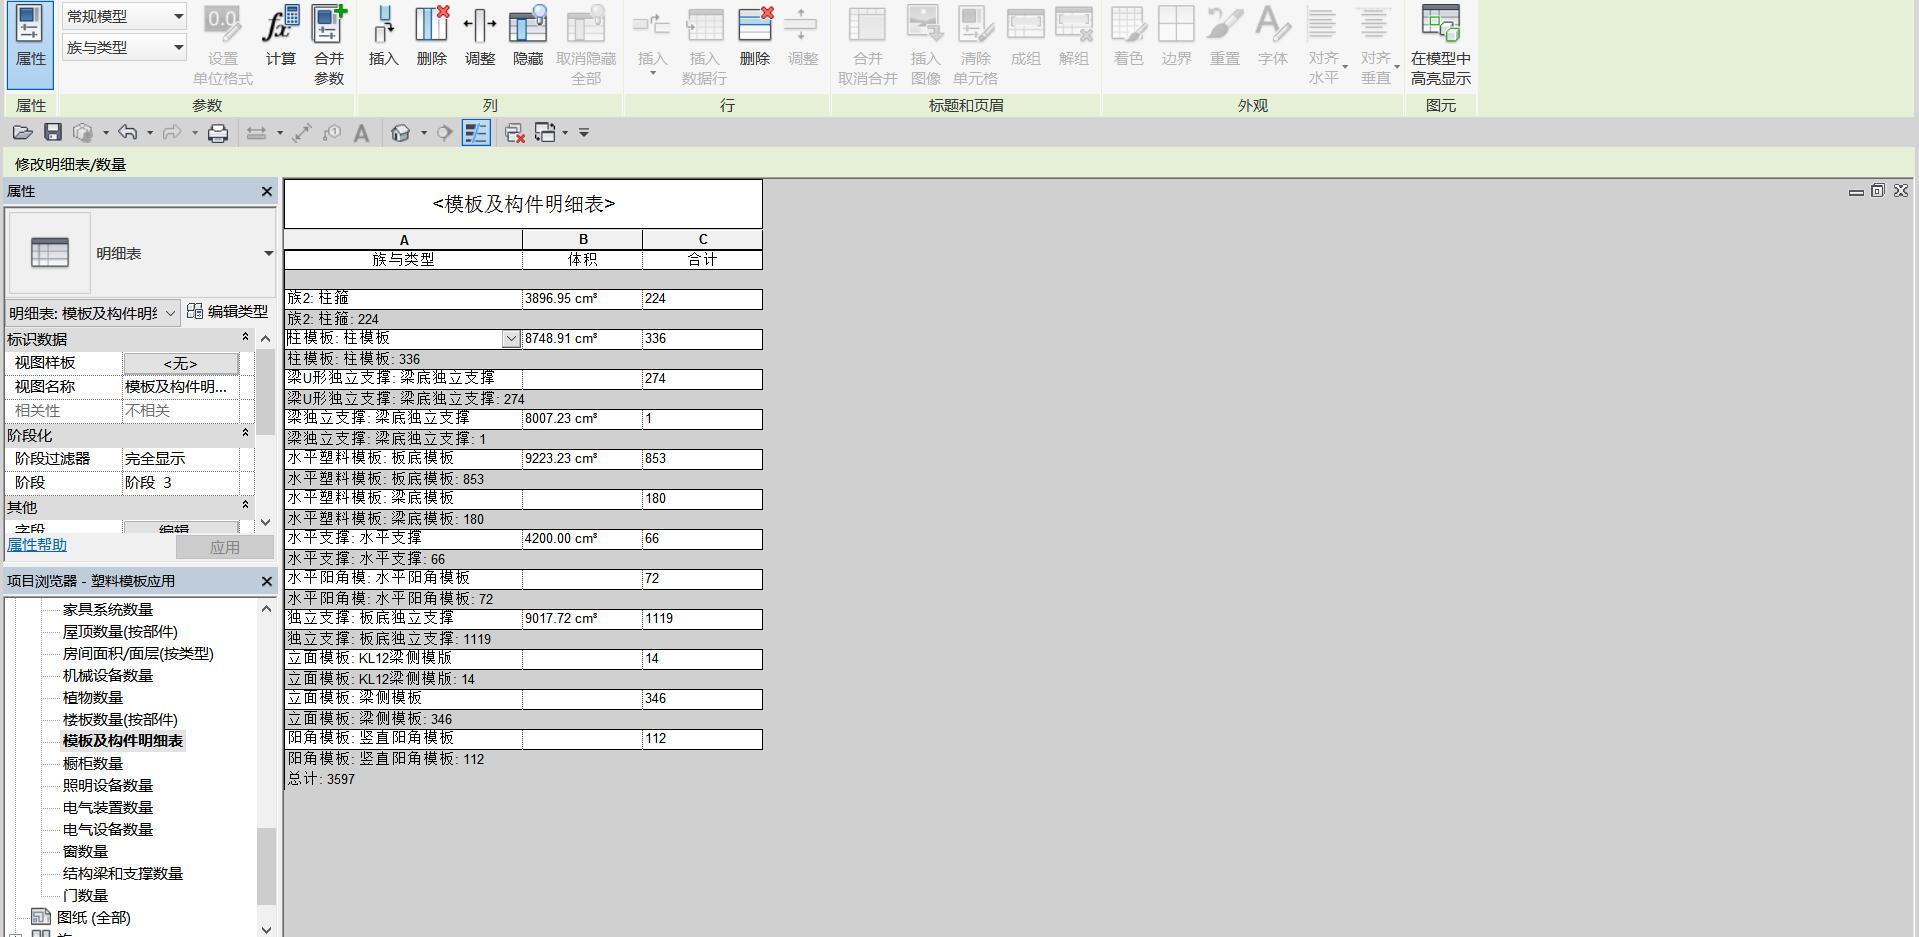 模板及构件数量统计.jpg